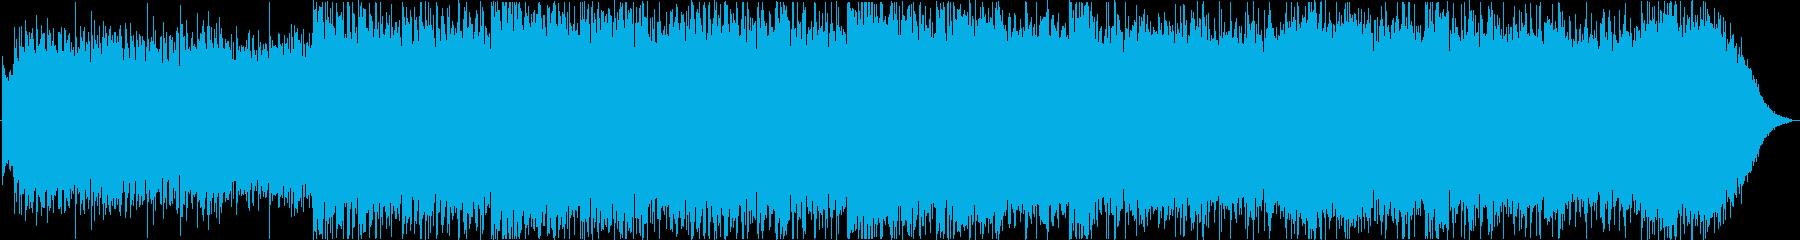 暗く不気味な和風ホラー曲の再生済みの波形